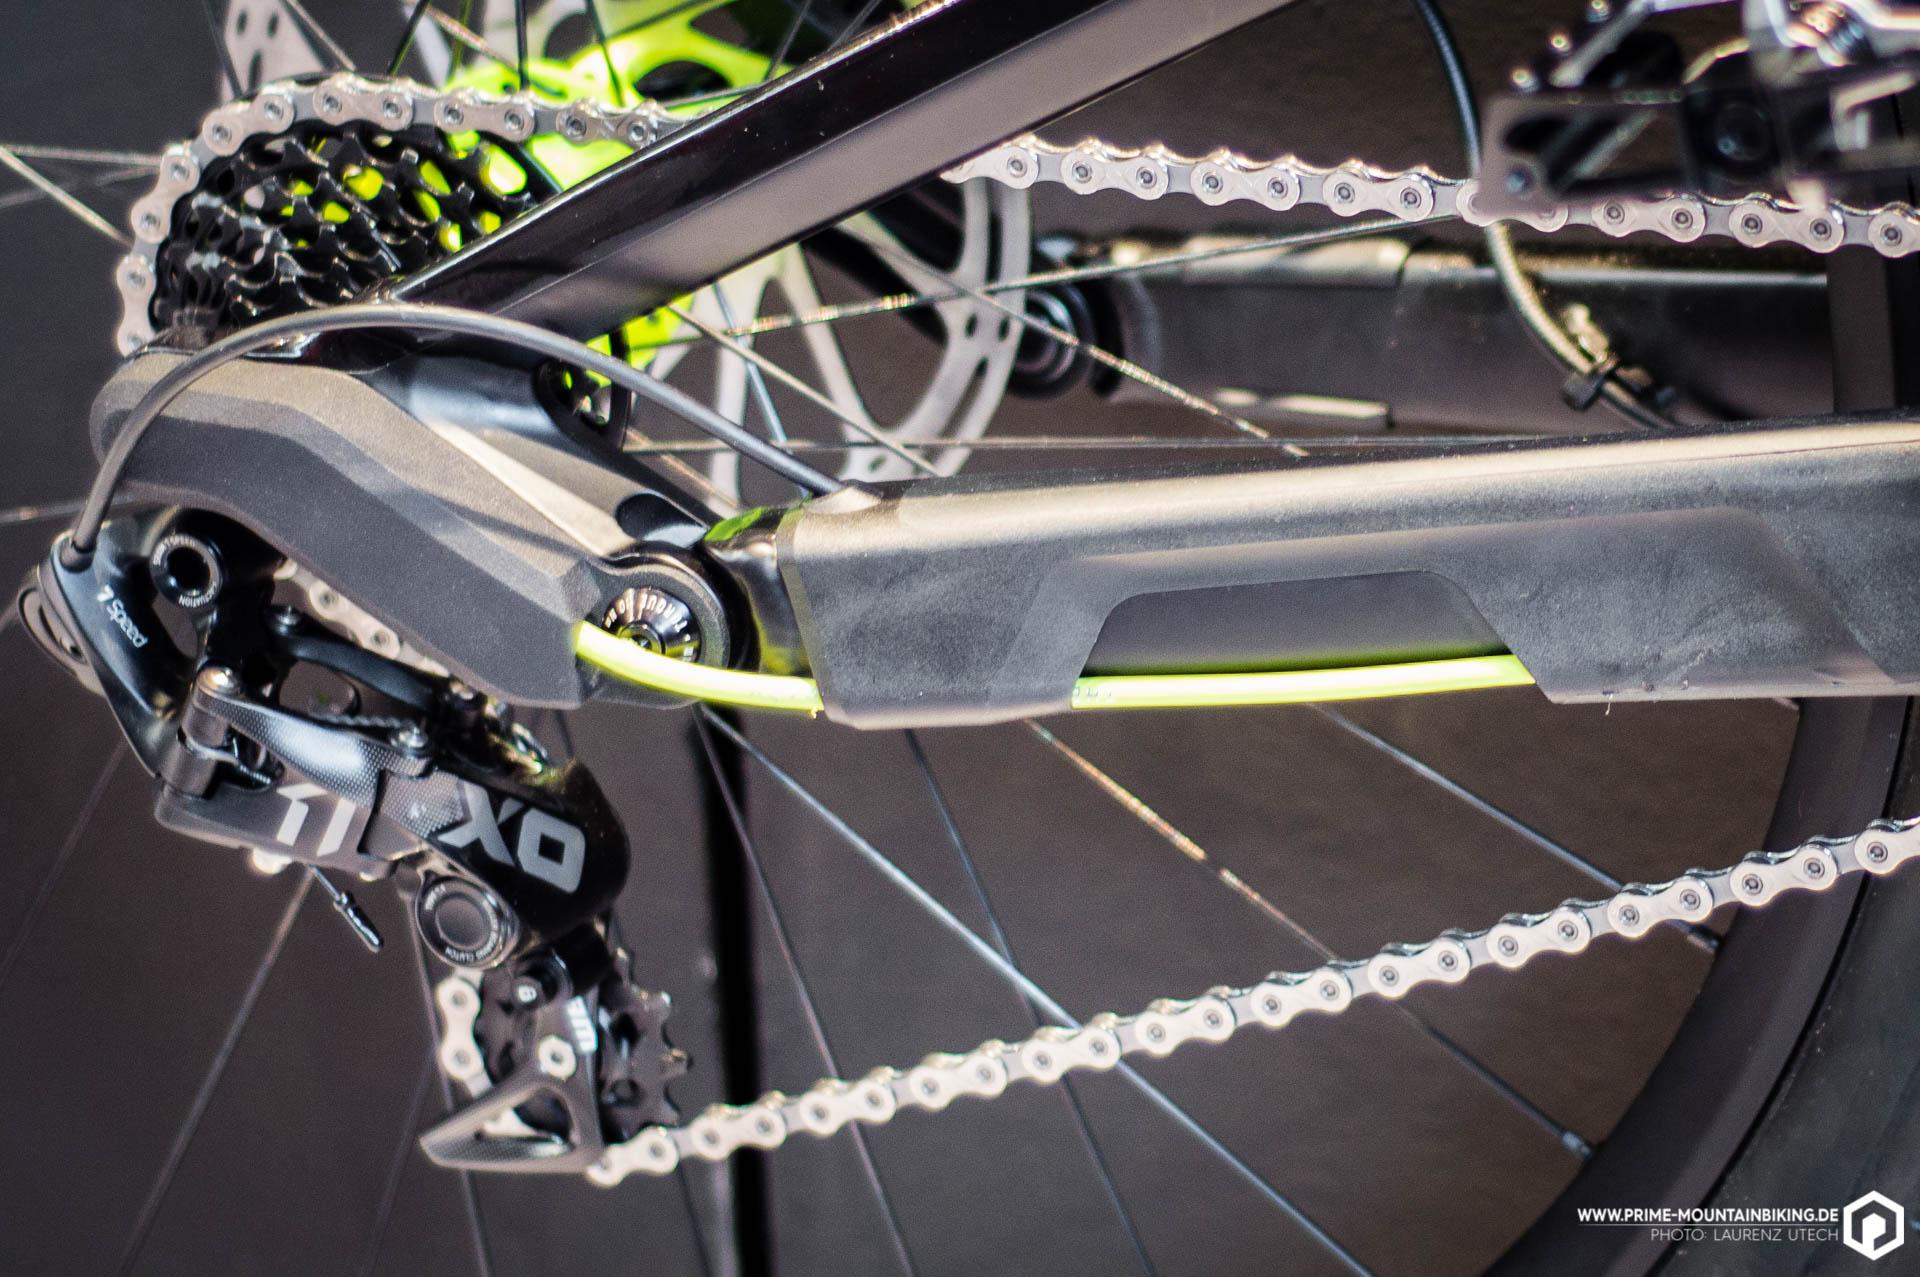 Canyon präsentiert auf der Eurobike 2016 eine Hinterradnabe für den Downhilleinsatz, dessen Freilauf sich per Remote ausschalten lässt.